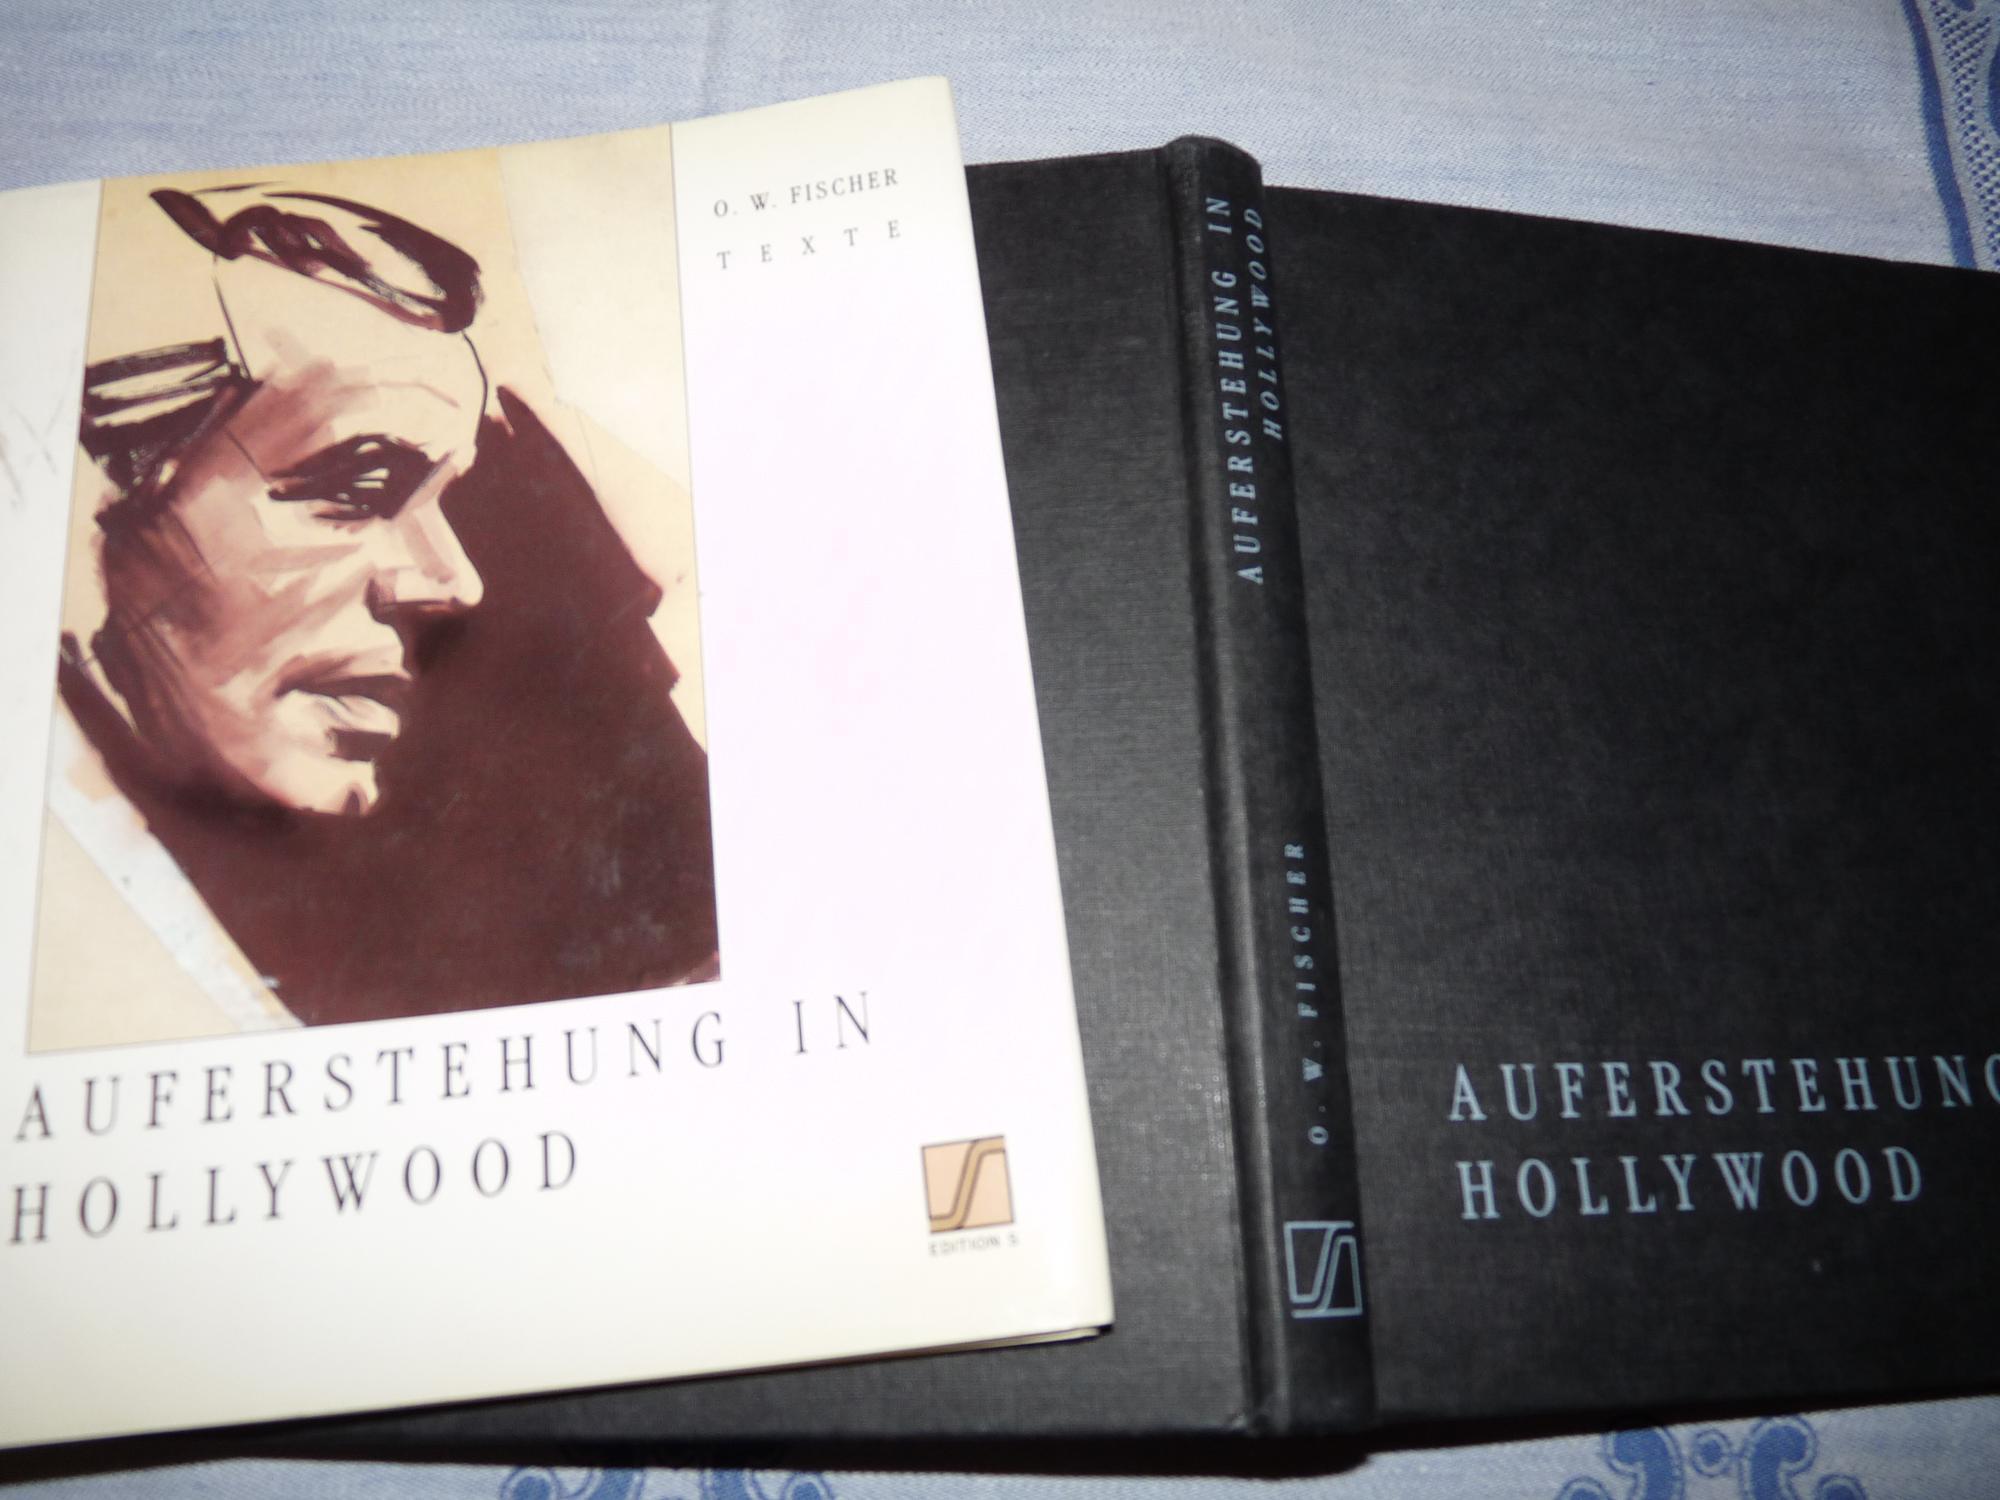 Auferstehung in Hollywood - Prosatexte von O.: O. W. Fischer